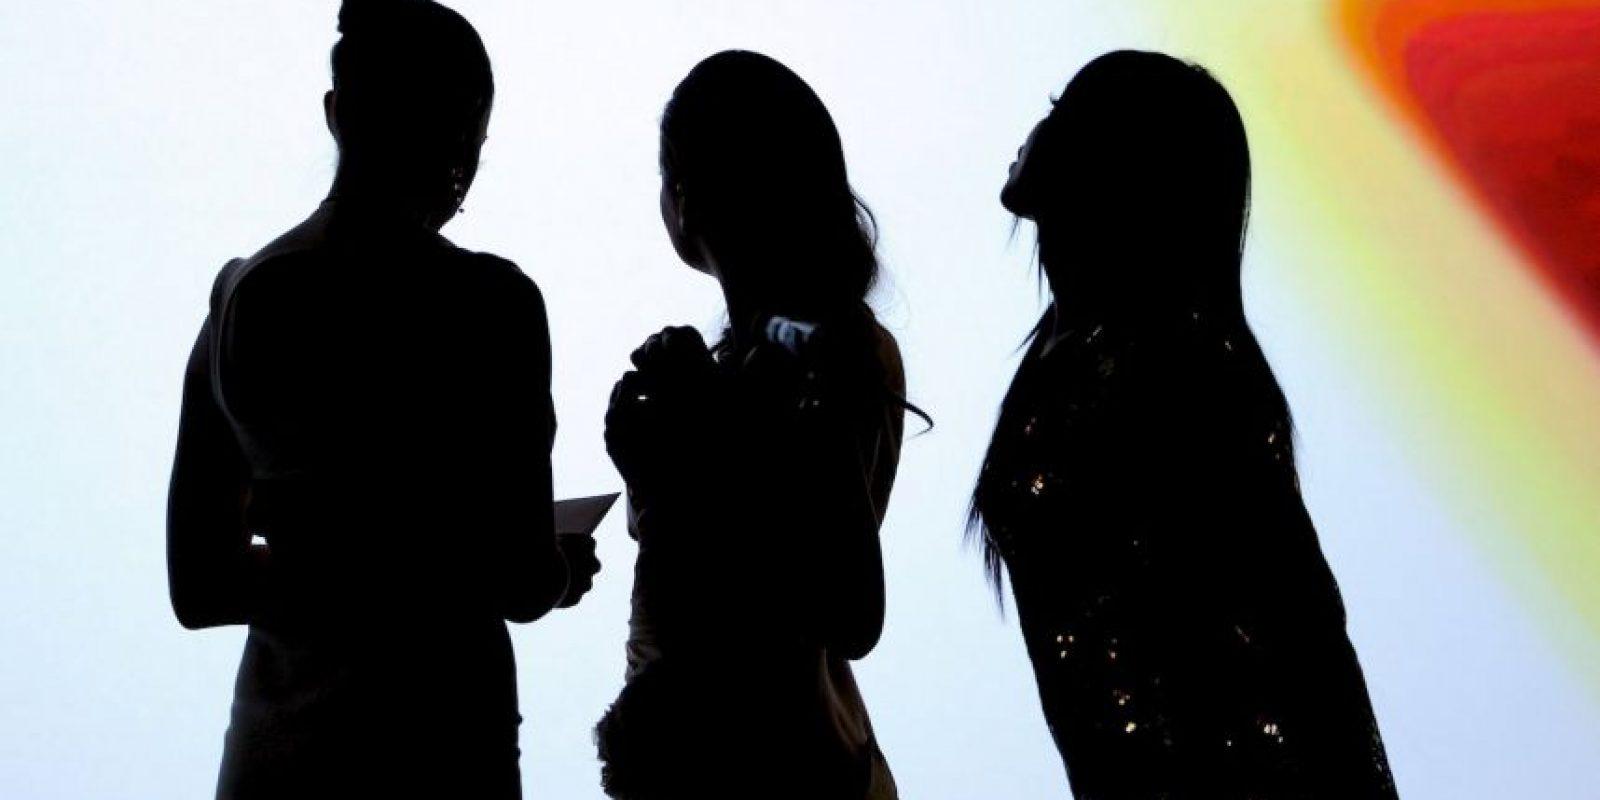 14 consejos para padres al descubrir que sus hijos ven porno Foto:Getty Images